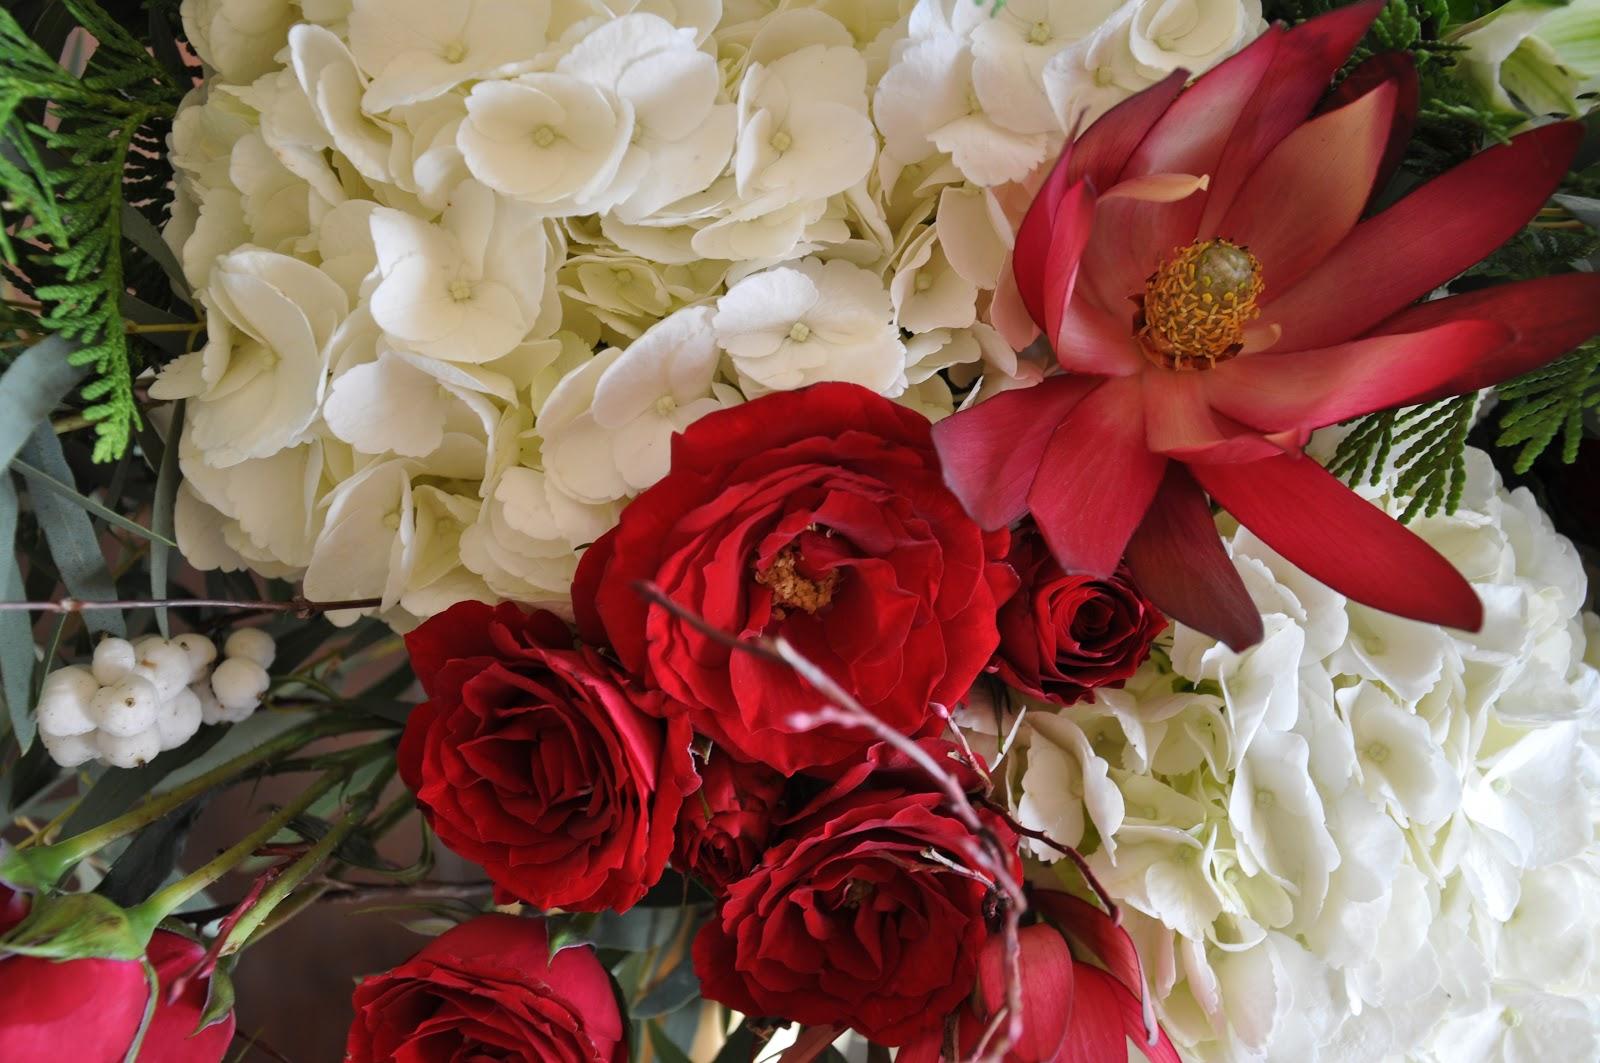 Tara mchugh flora winter flowers white hydrangea and red roses izmirmasajfo